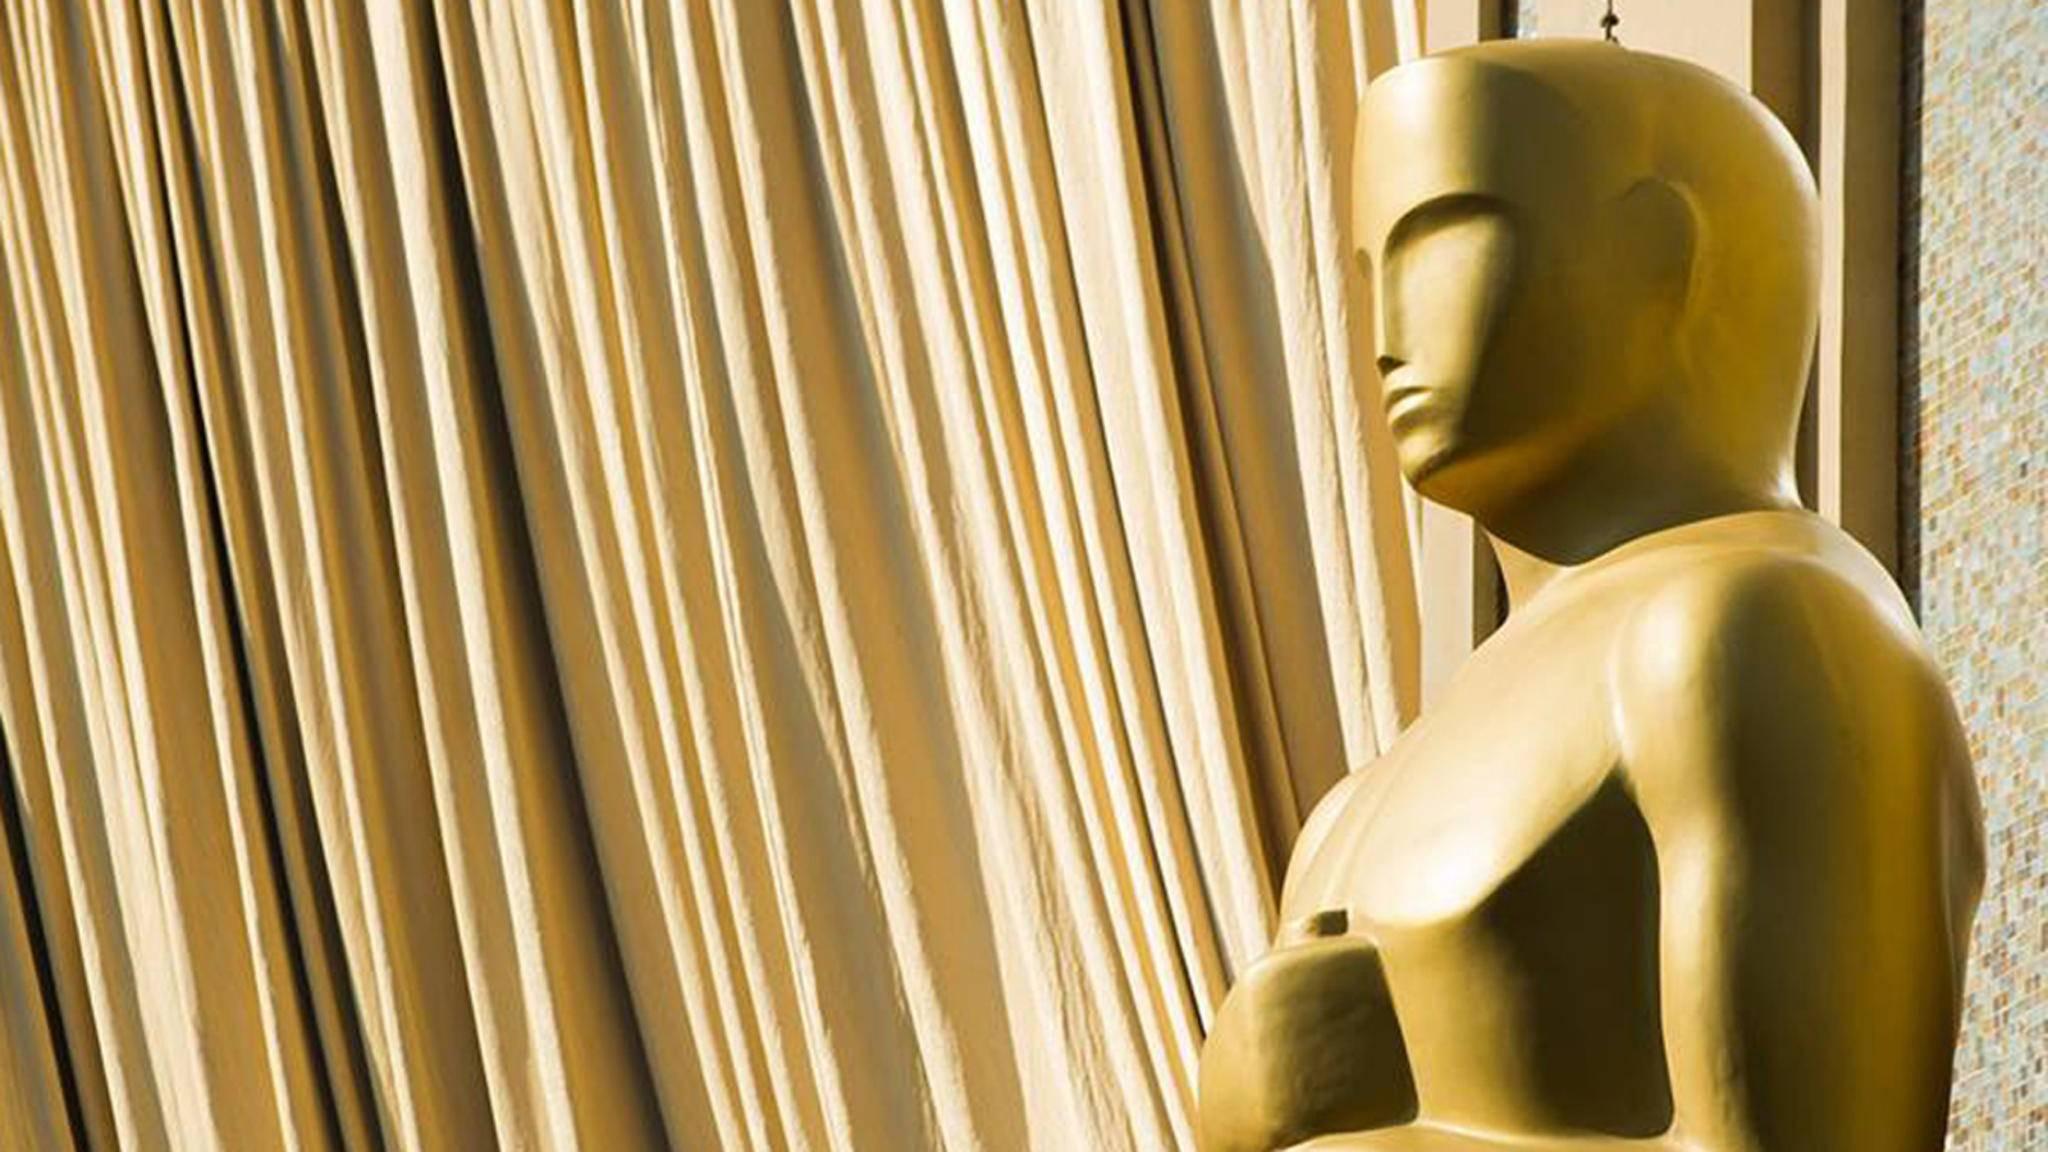 Ein Satz mit X: 2019 wird es doch noch keine neue Kategorie bei den Oscars geben.